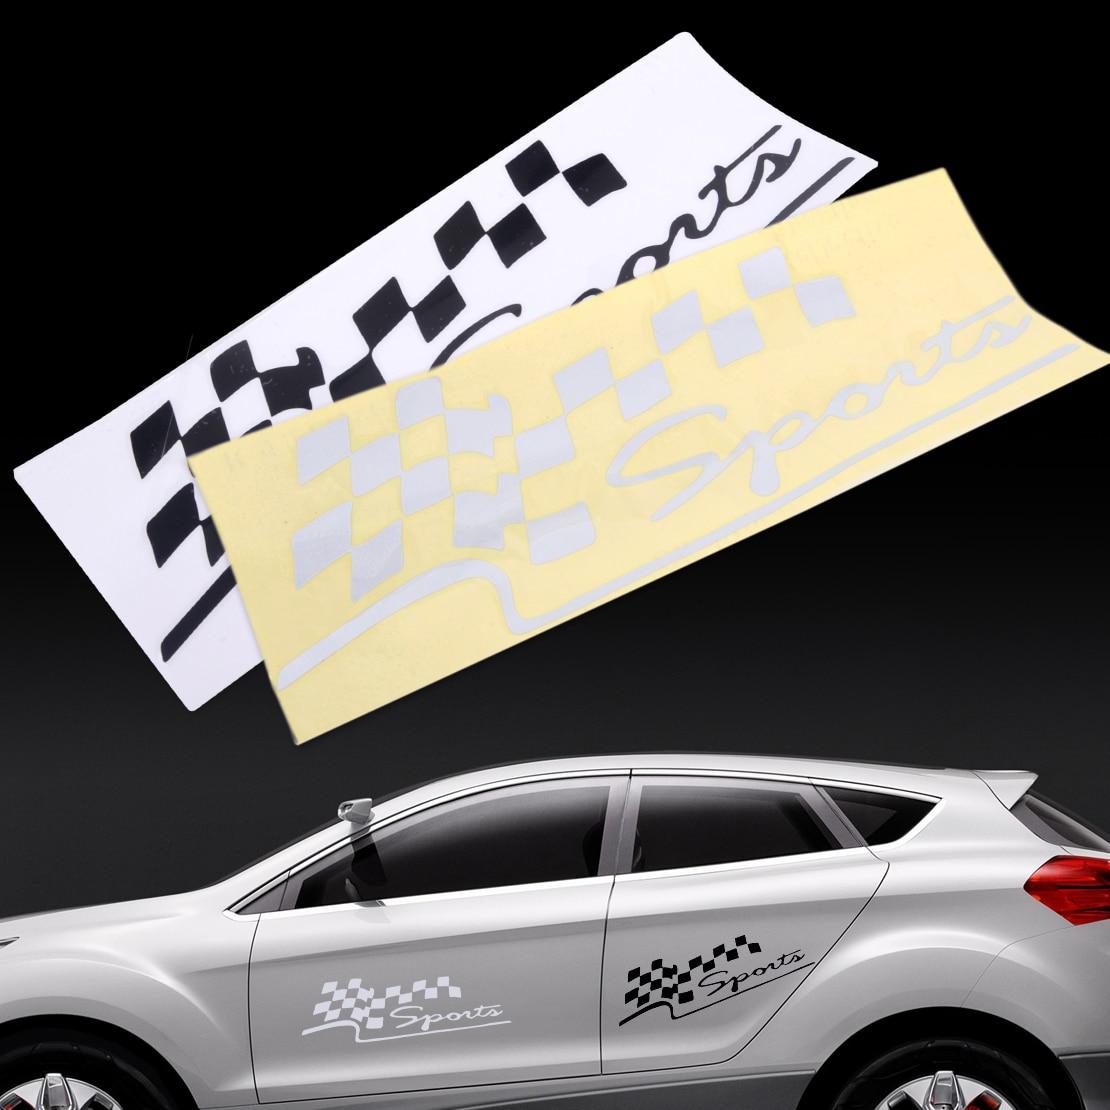 Beler Авто тела гонки клетчатые флаги спортивный стиль виниловая наклейка Стикеры для VW Audi BMW Nissan Mazda Honda Chevrolet kia ...